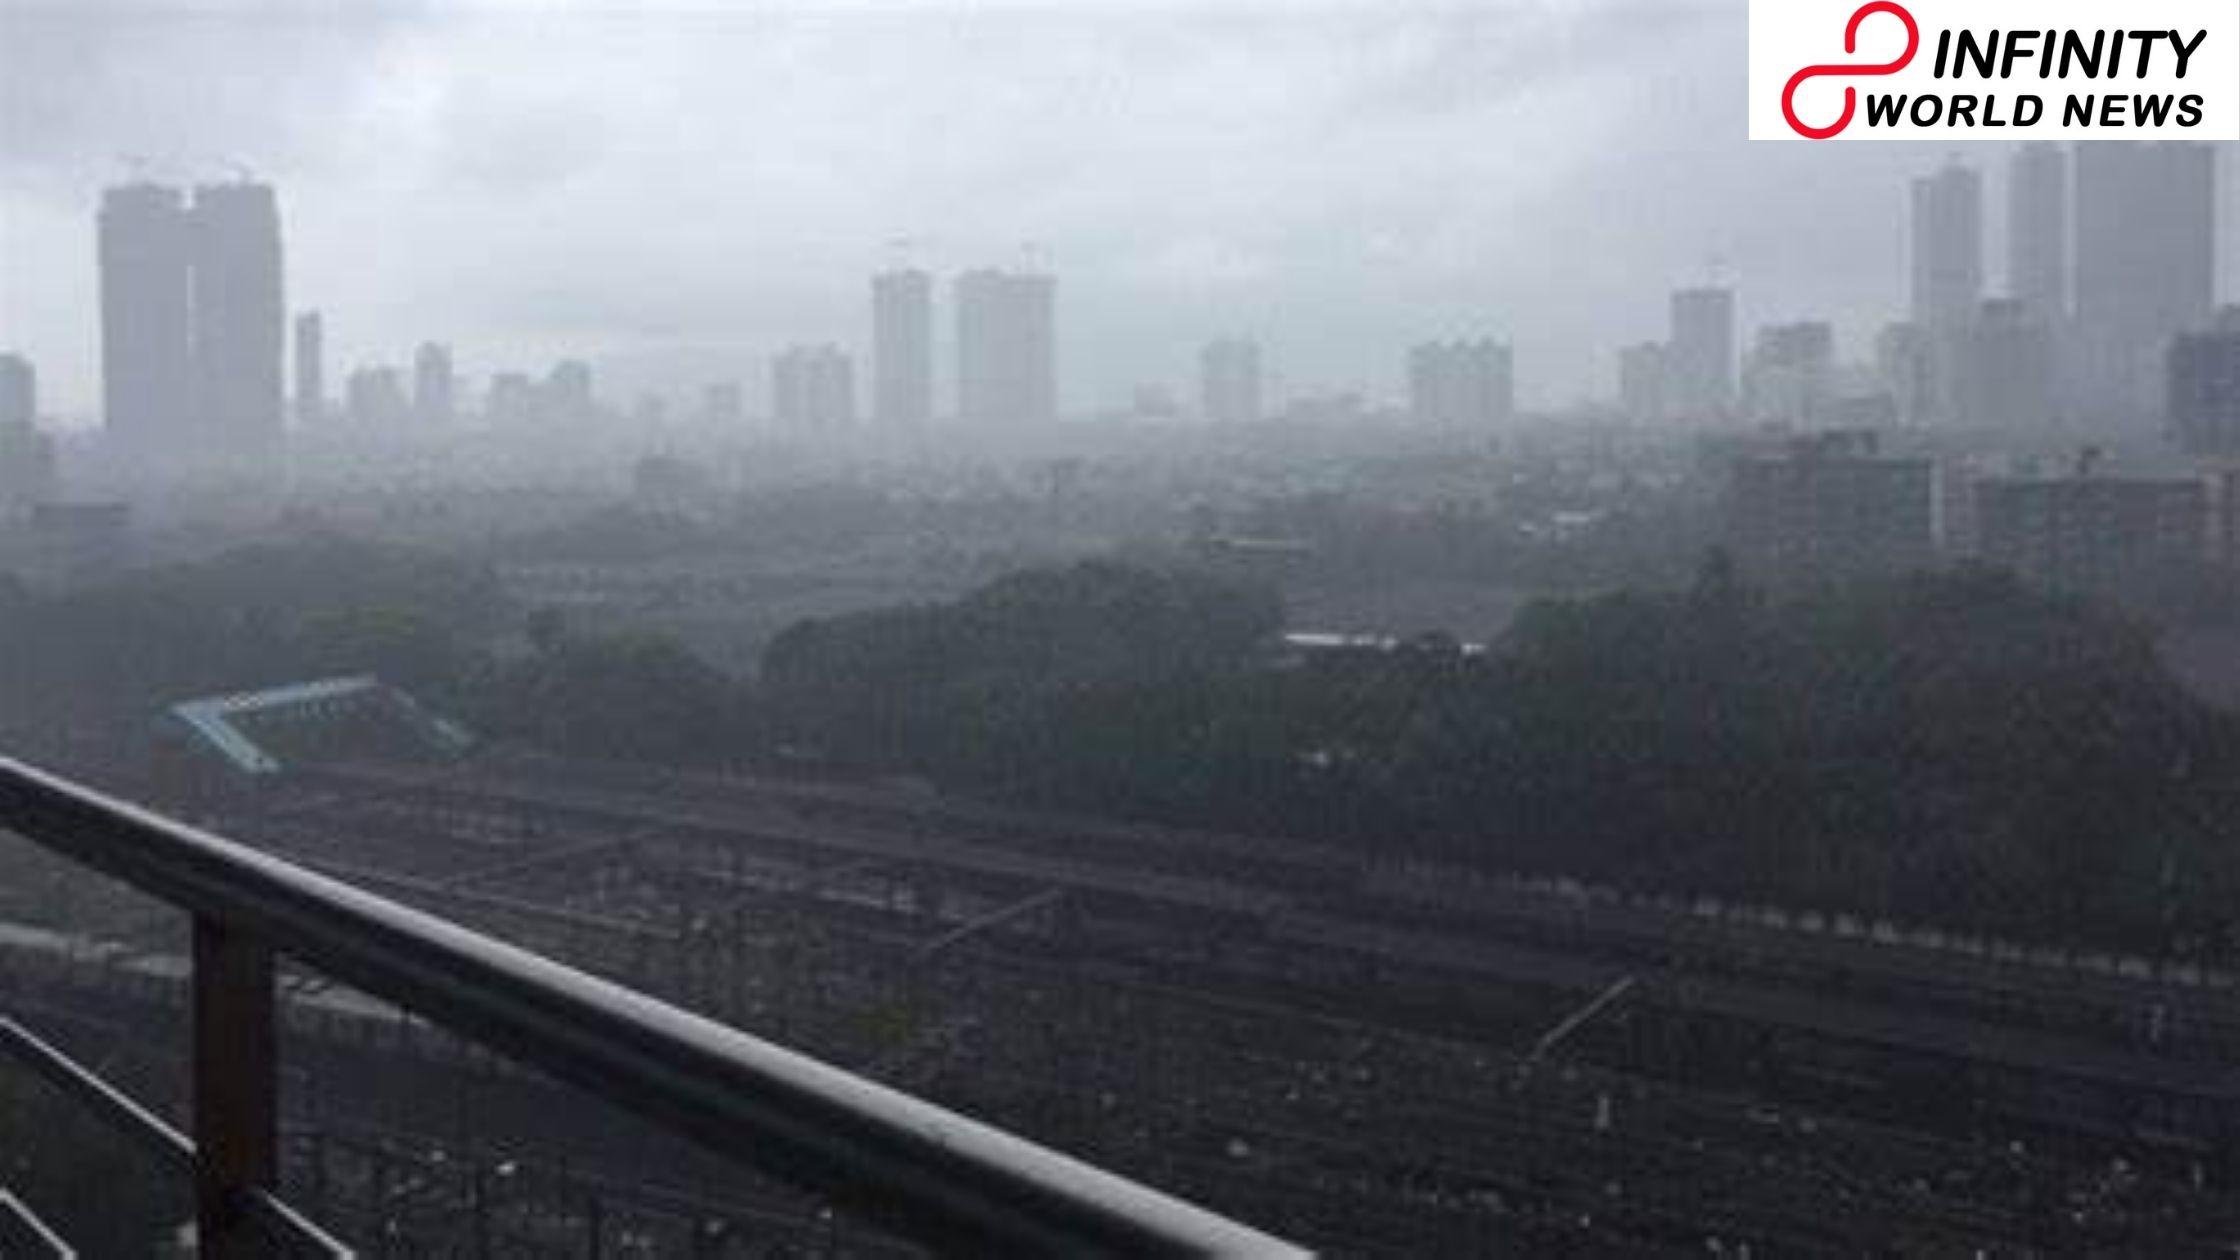 A Nip into the Air toward Mumbai as Nighttime Temperatures Fall Under 15°C